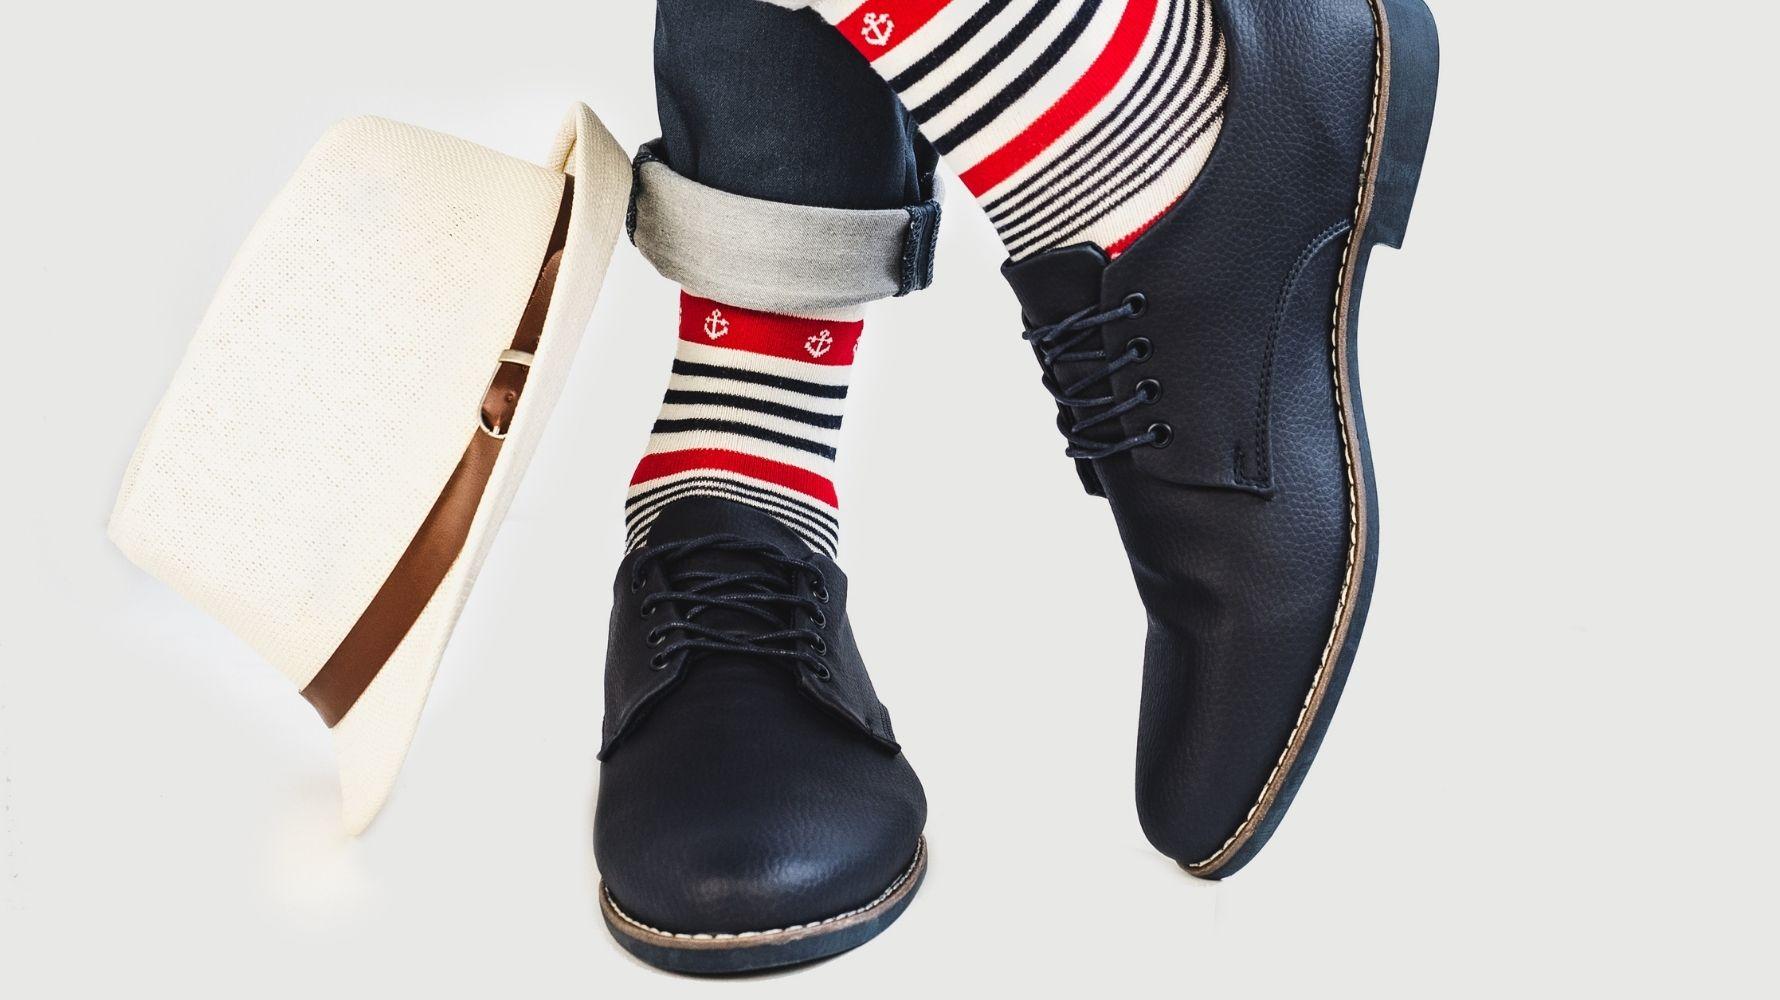 Mode Pourquoi Vous Devez Opter Pour Des Chaussures De Luxe En Cuir